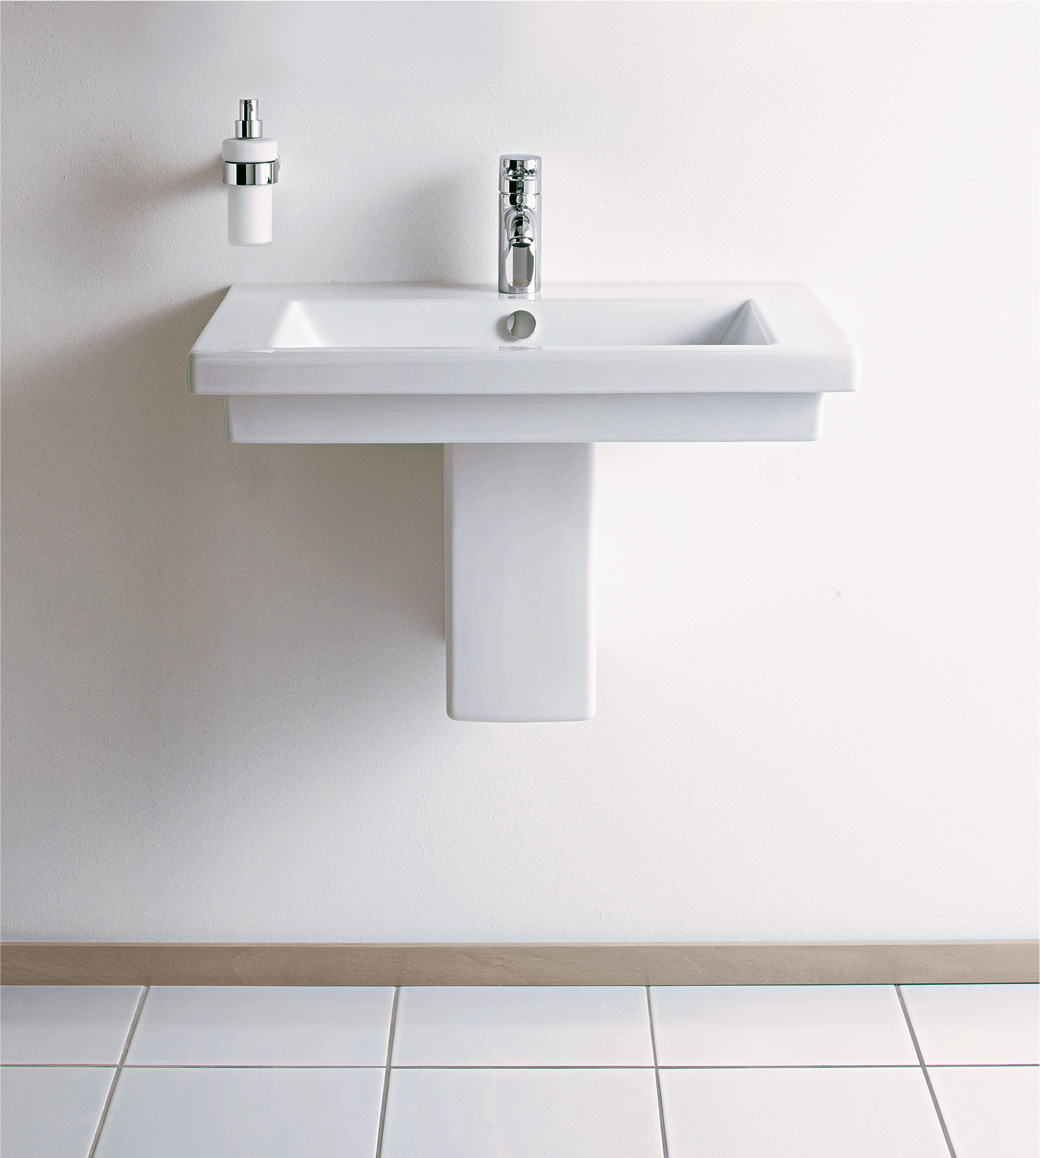 2nd floor meubles de salles de bains lavabos wc for Lavabo petit espace